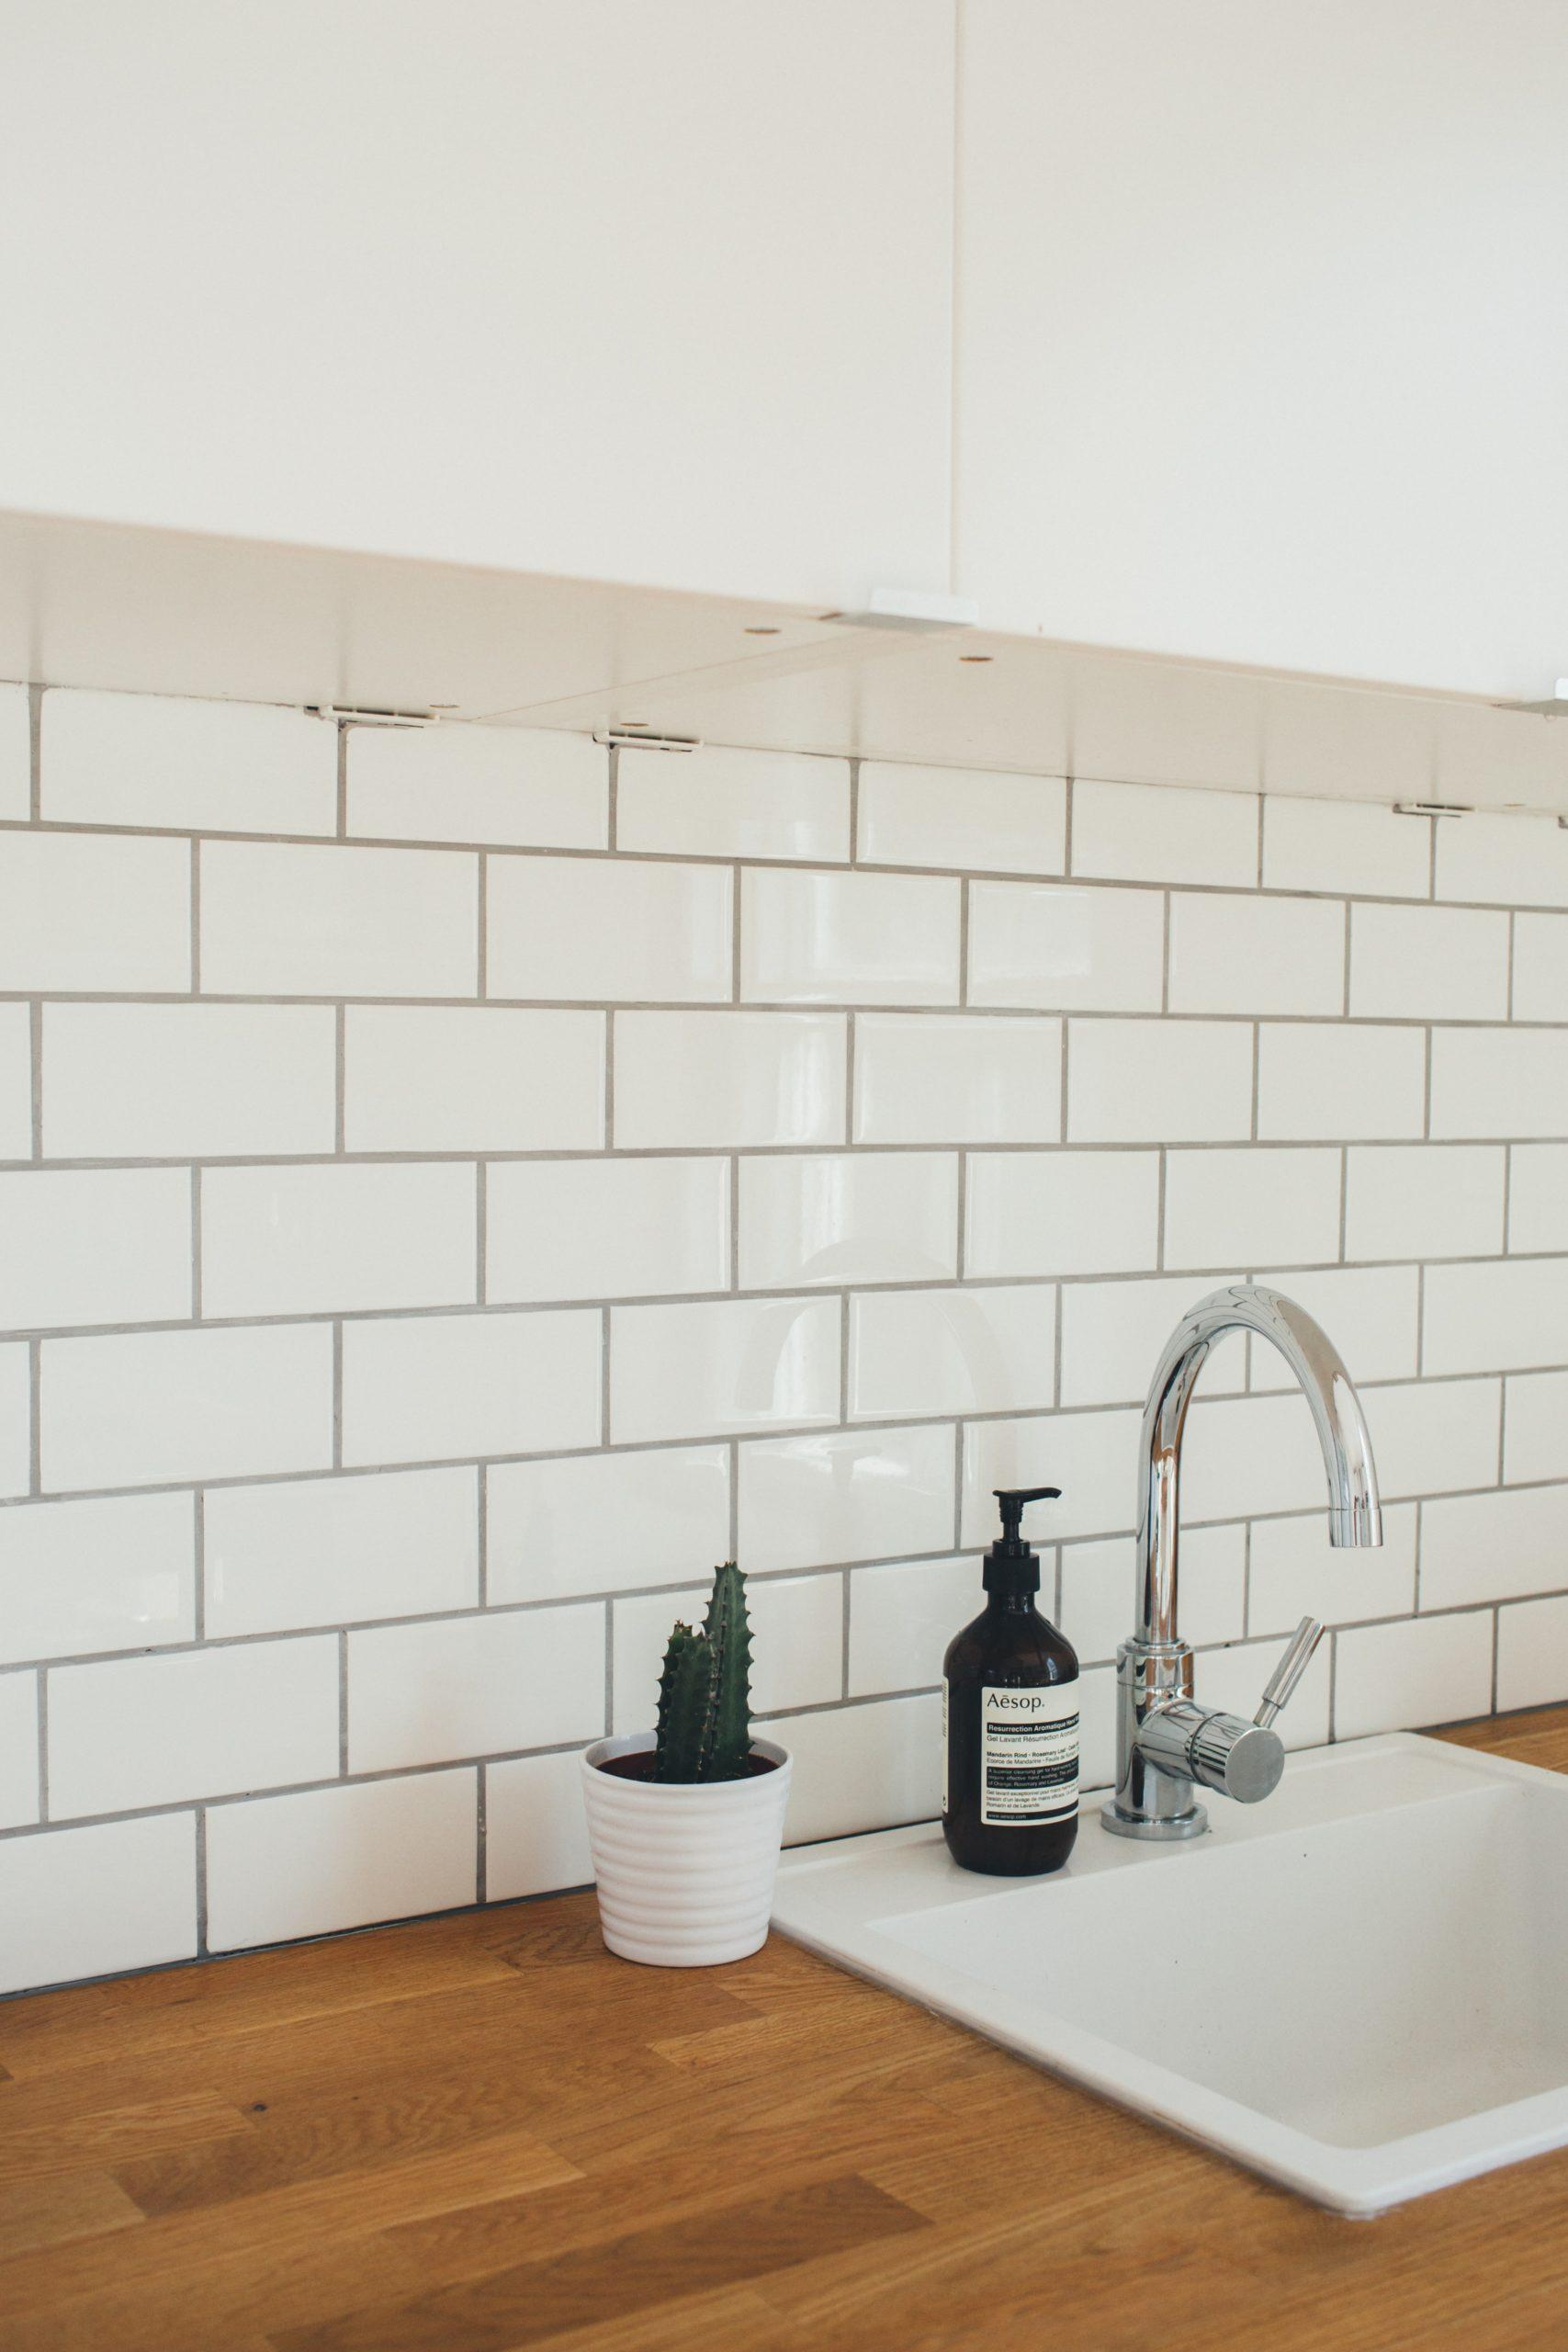 Pared de azulejos reformada en la cocina